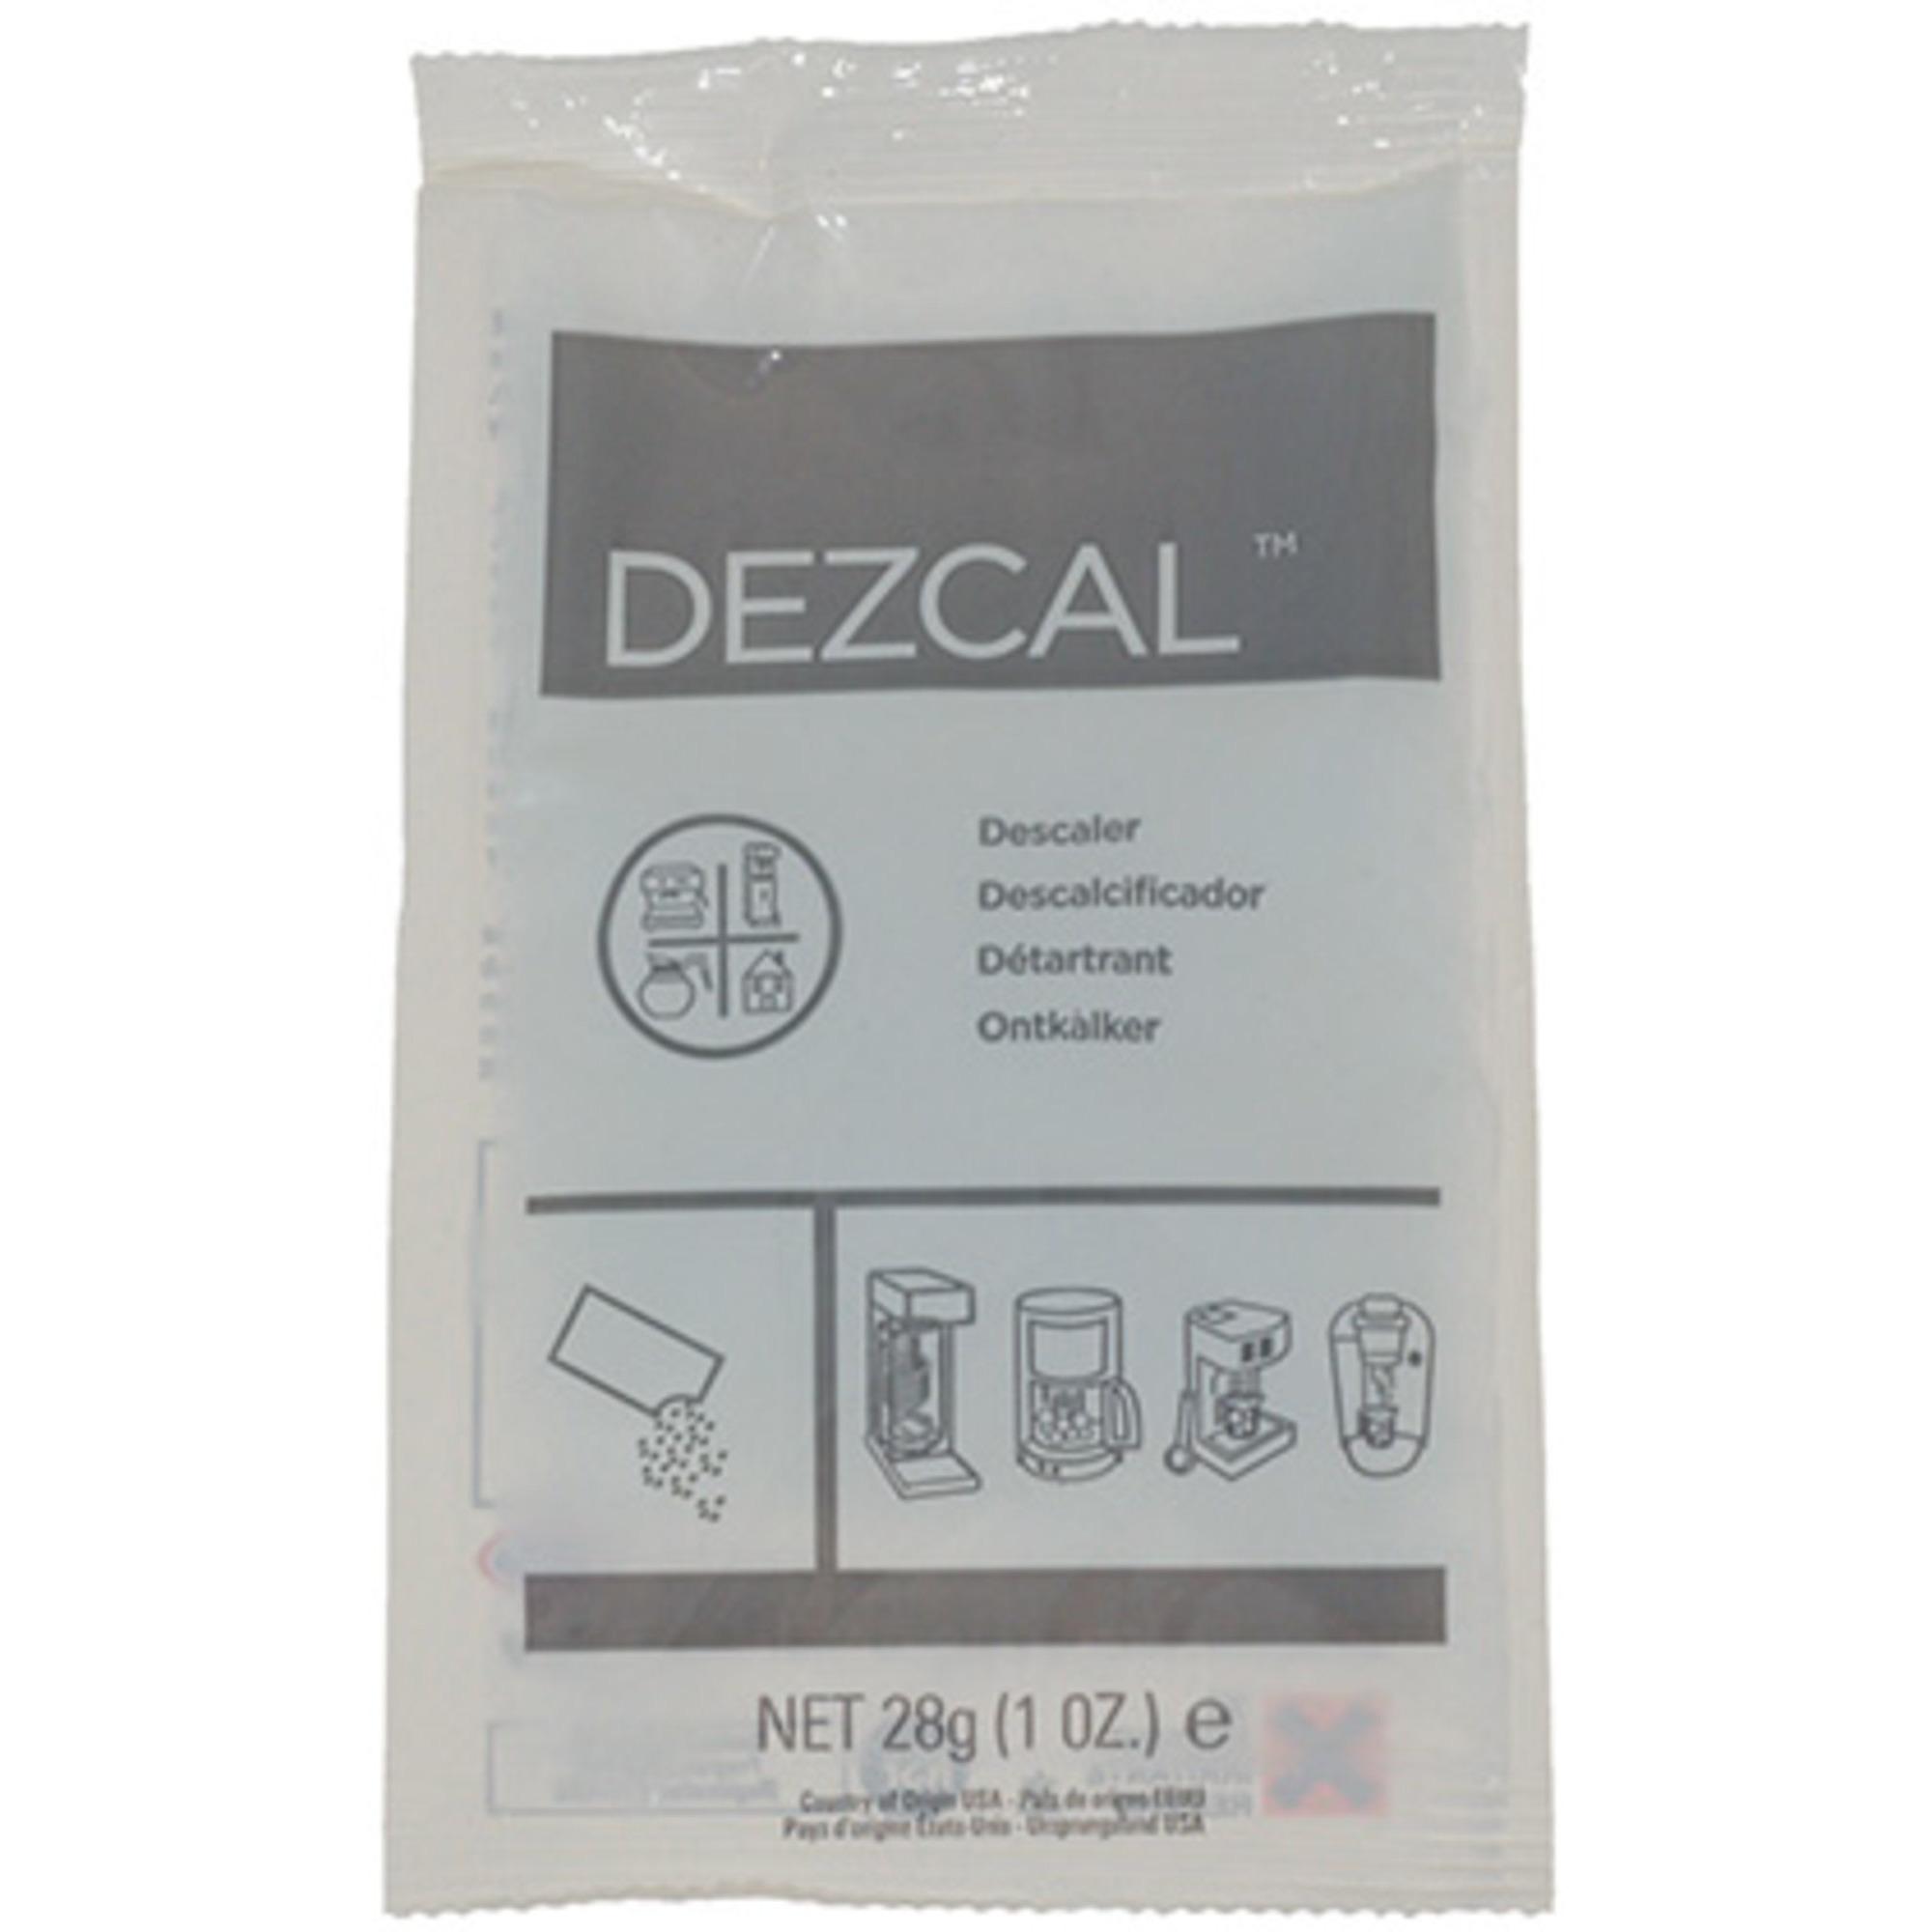 Urnex Descale 28 g